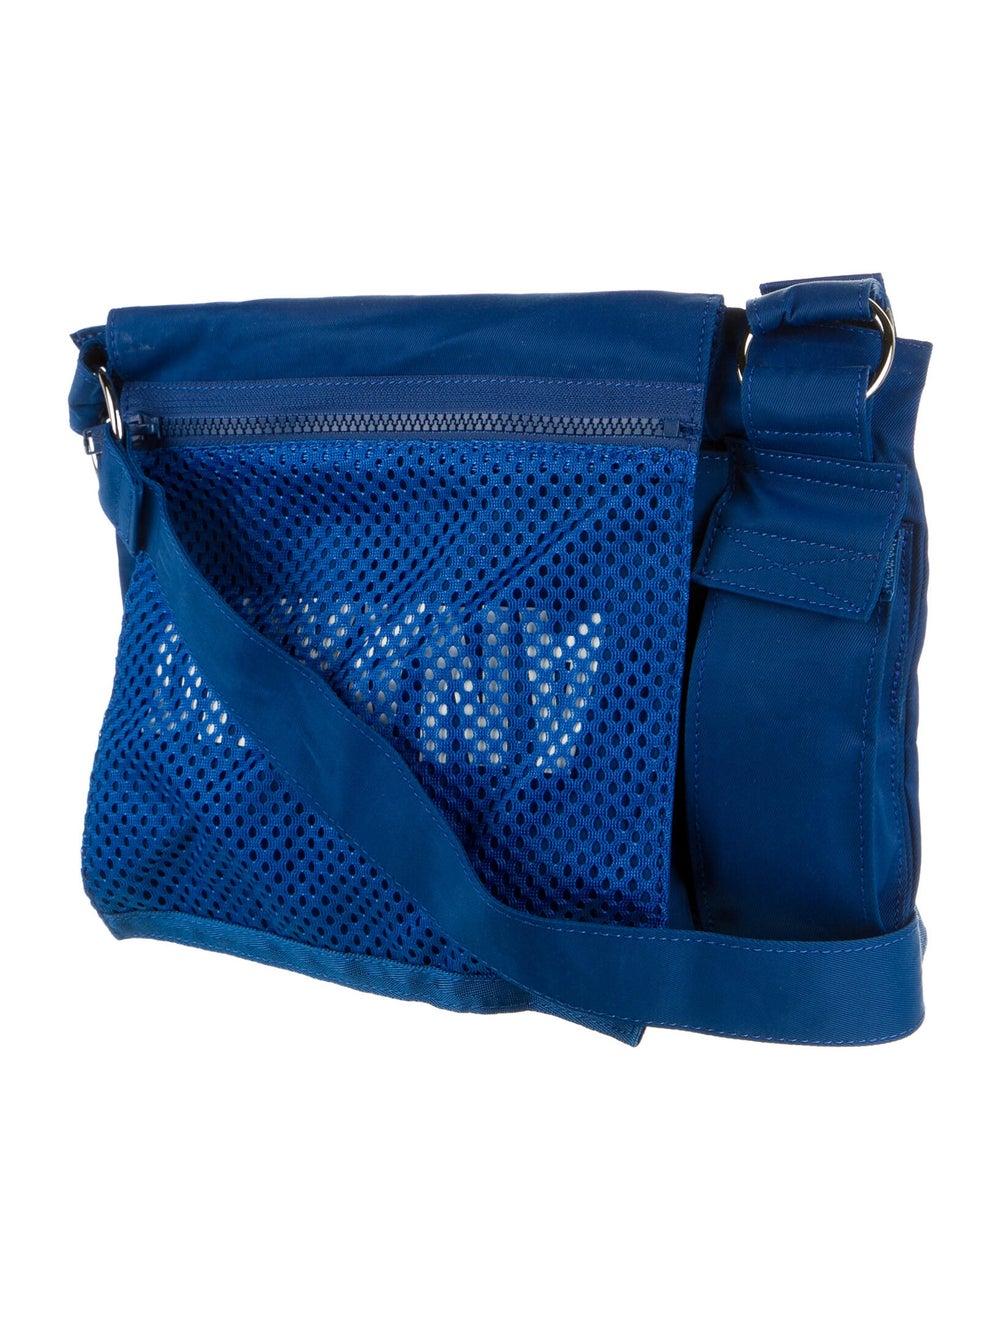 Undercover Nylon Shoulder Bag Blue - image 3